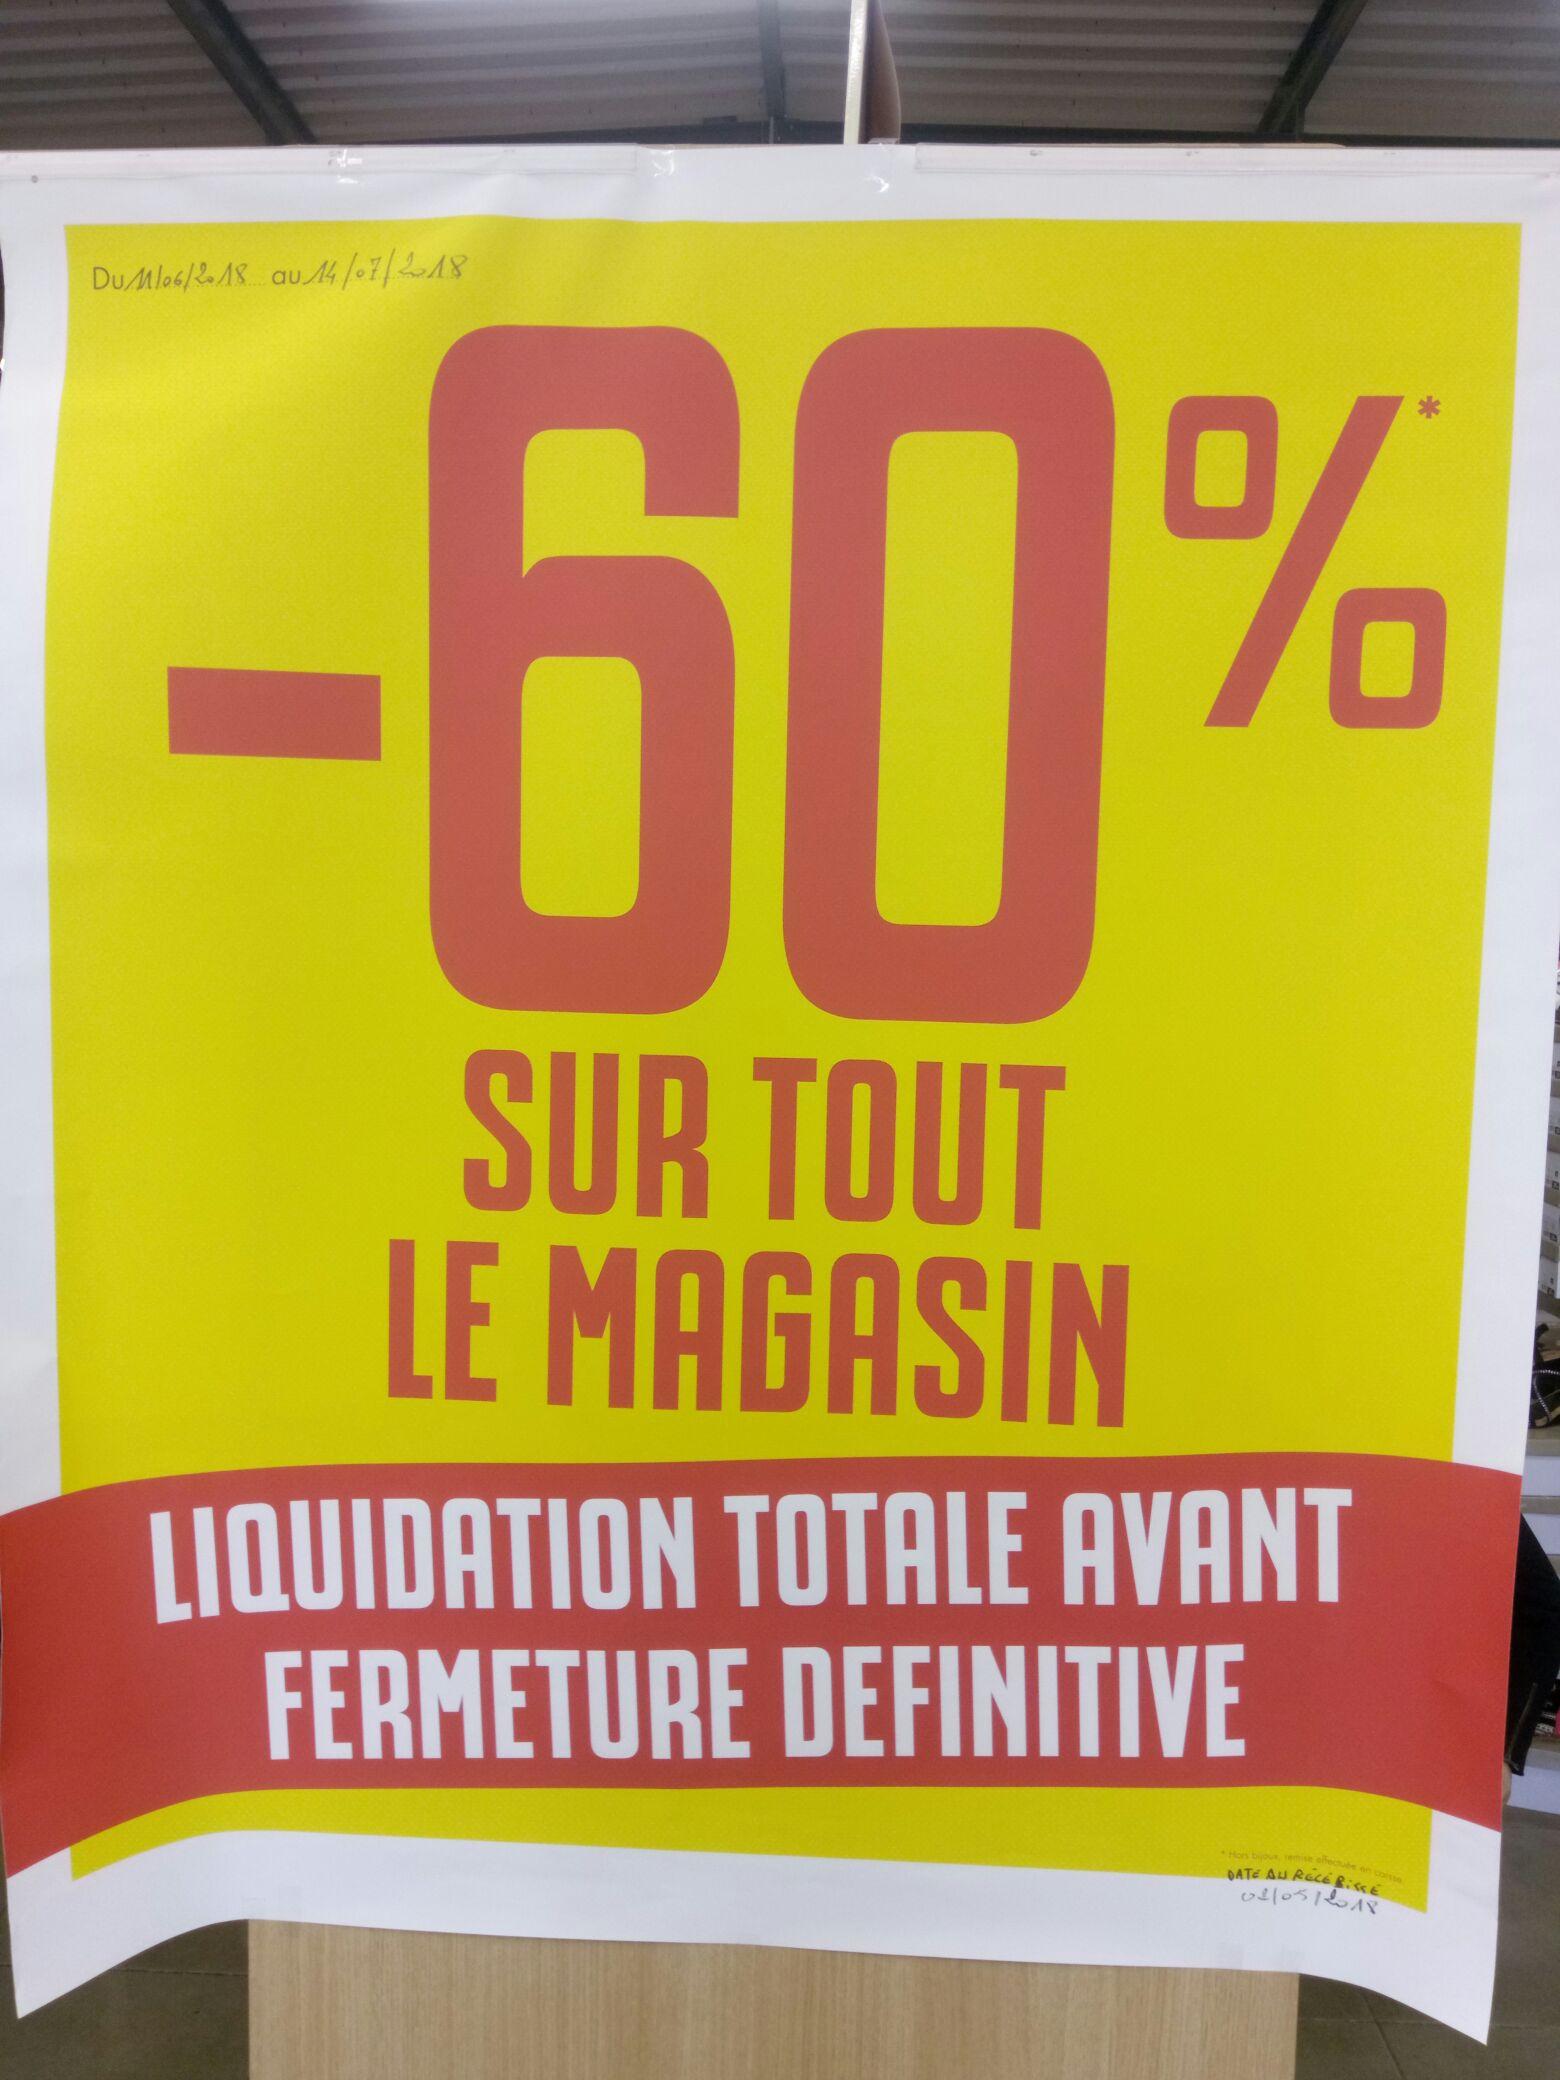 60% de réduction sur tout le magasin avant liquidation totale - Ruffec (16)